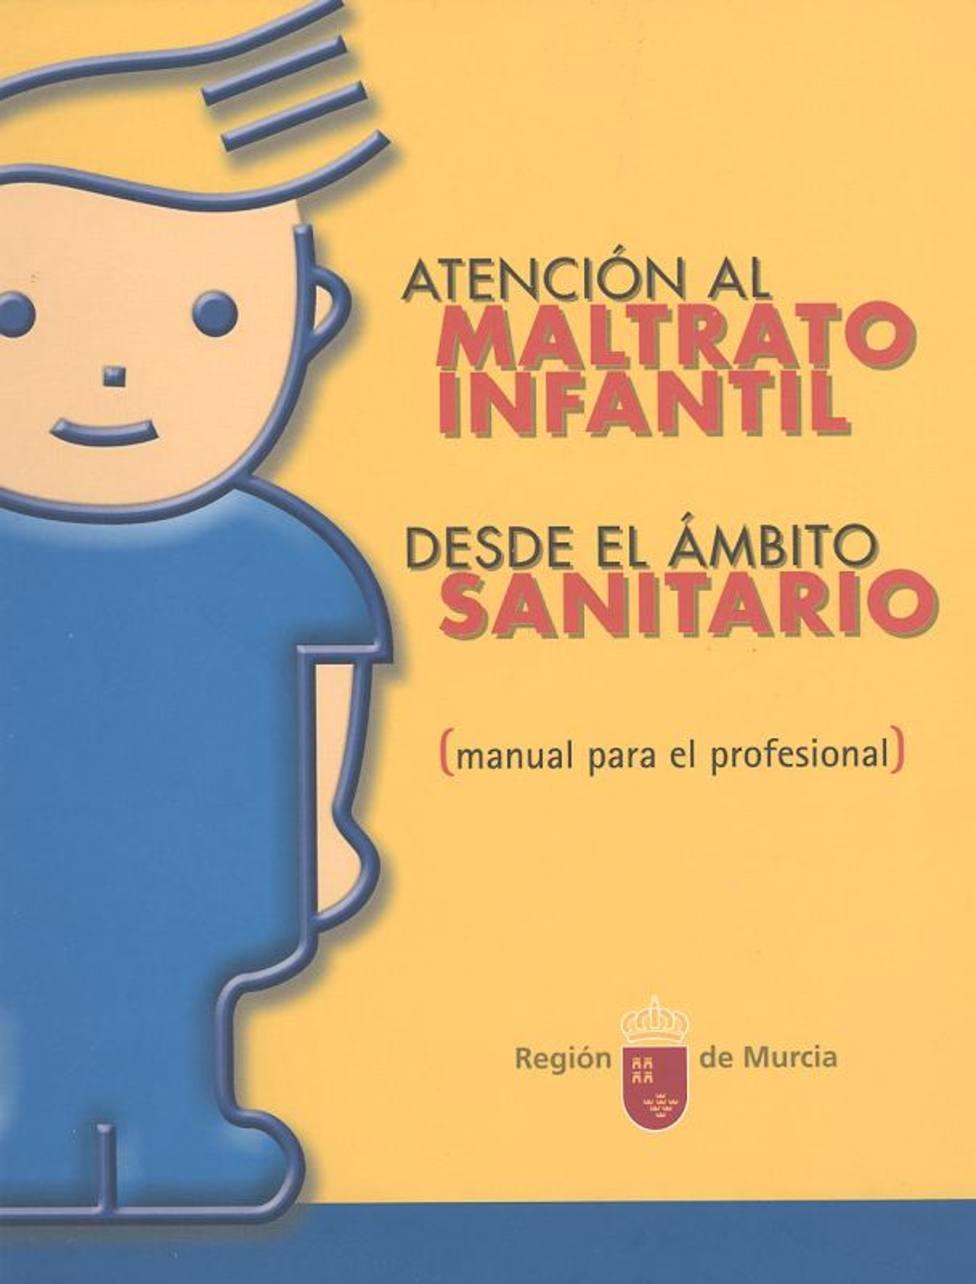 ctv-nnw-4674-imagen-portada-atenci n-al-maltrato-infantil-desde-el- mbito-sanitario -manual-para-el-profesional